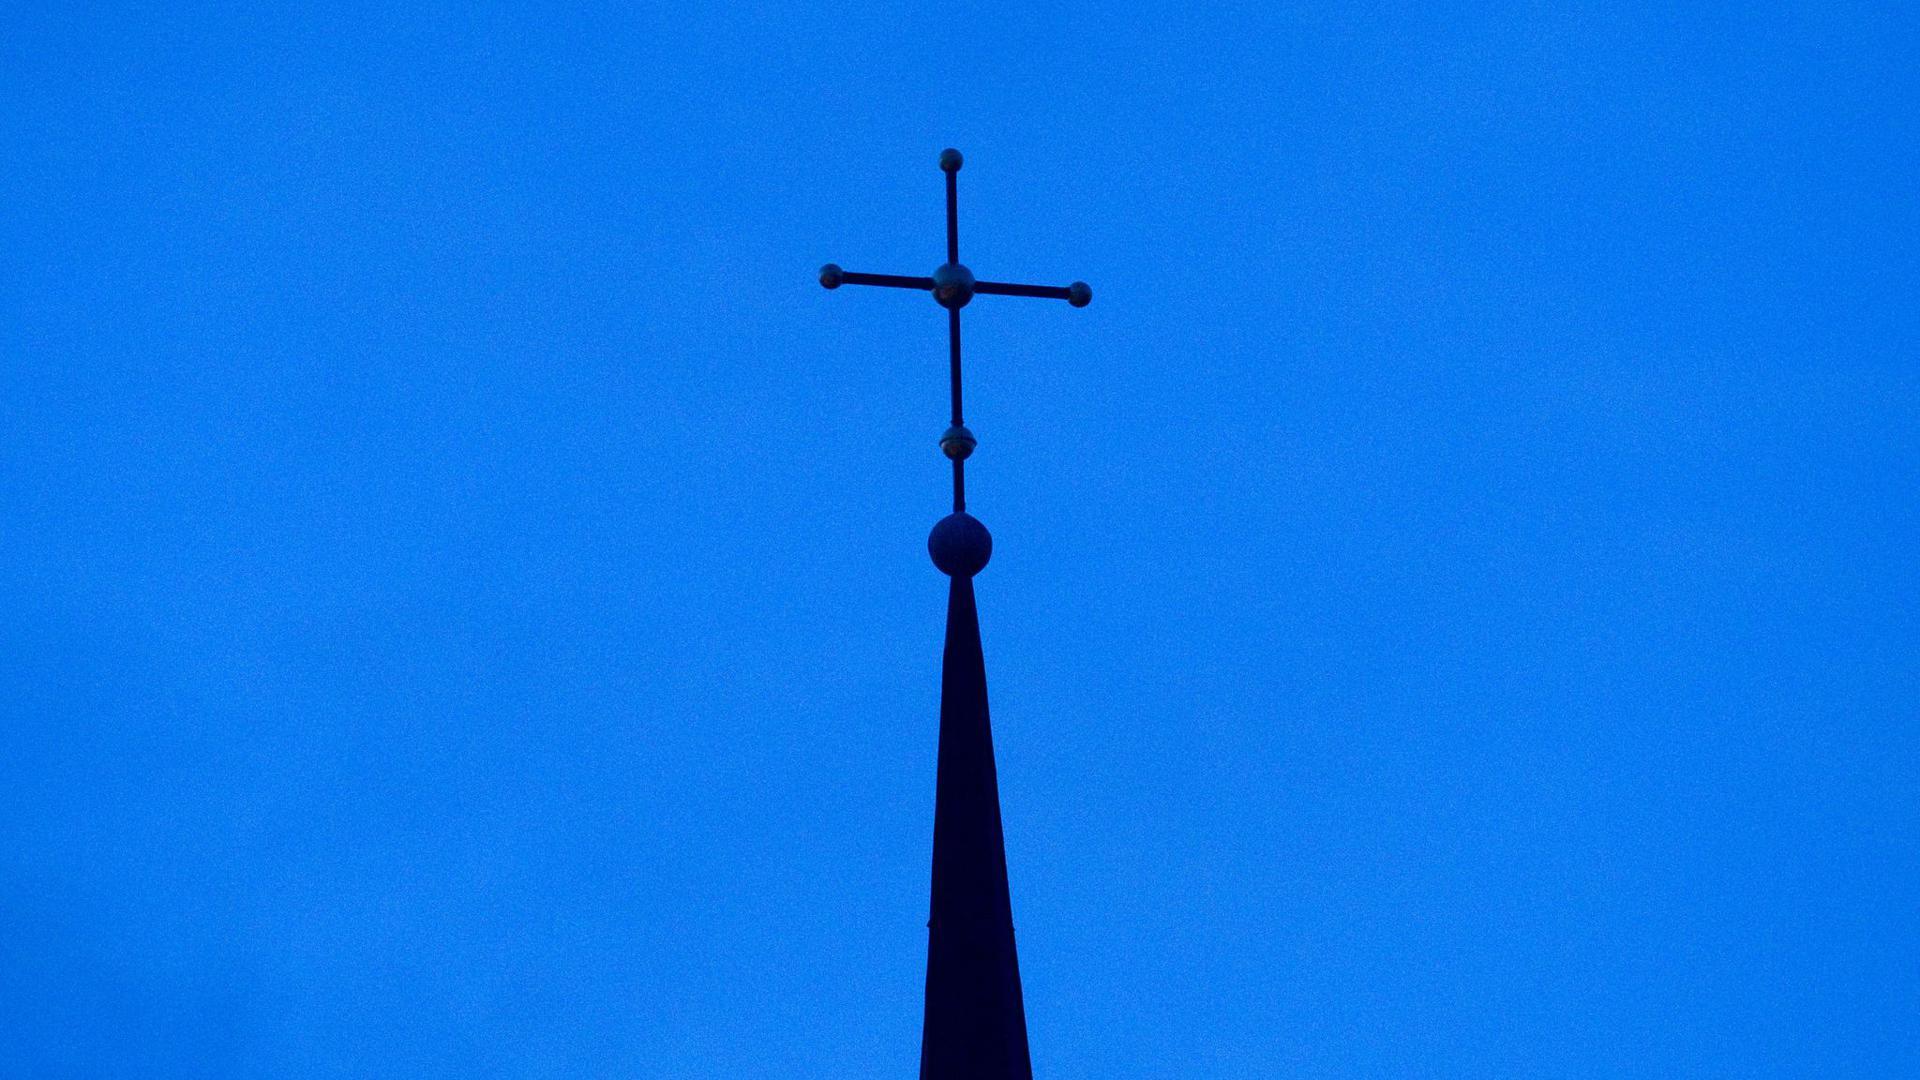 Das Kreuz einer evangelisch-lutherischen Kirche in der Abenddämmerung.